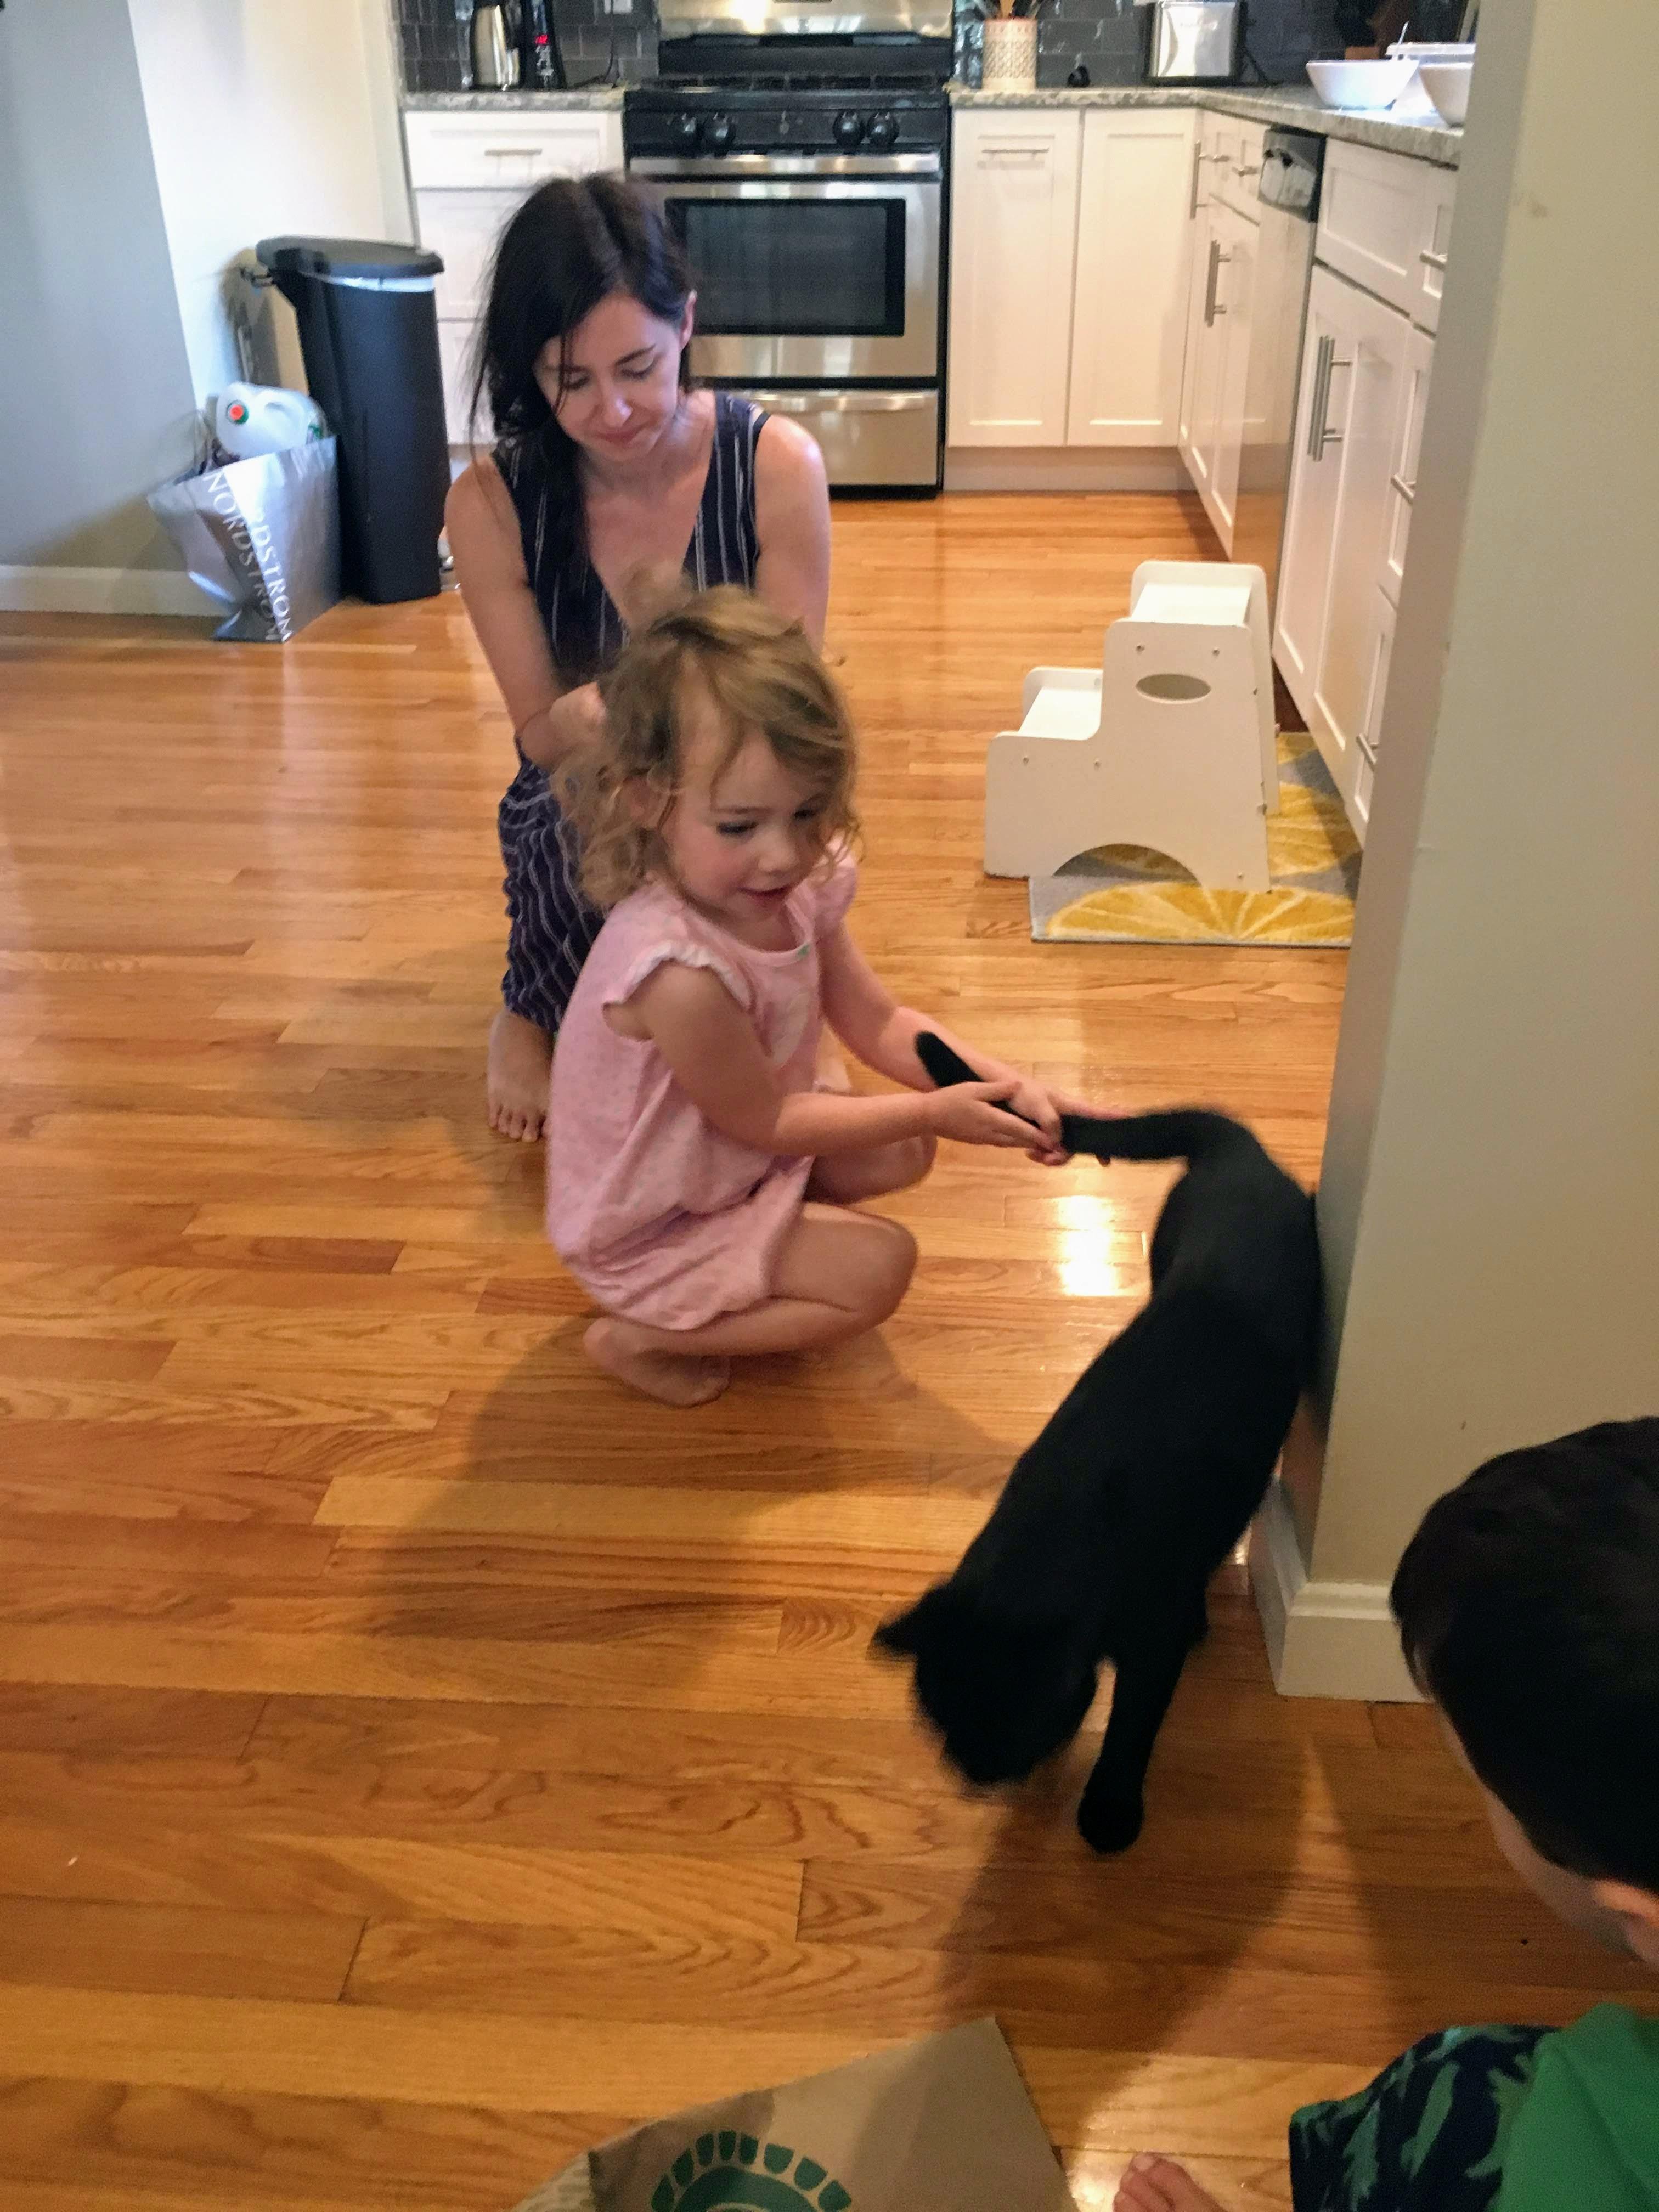 brushing Kat's hair while she pulls cat tail